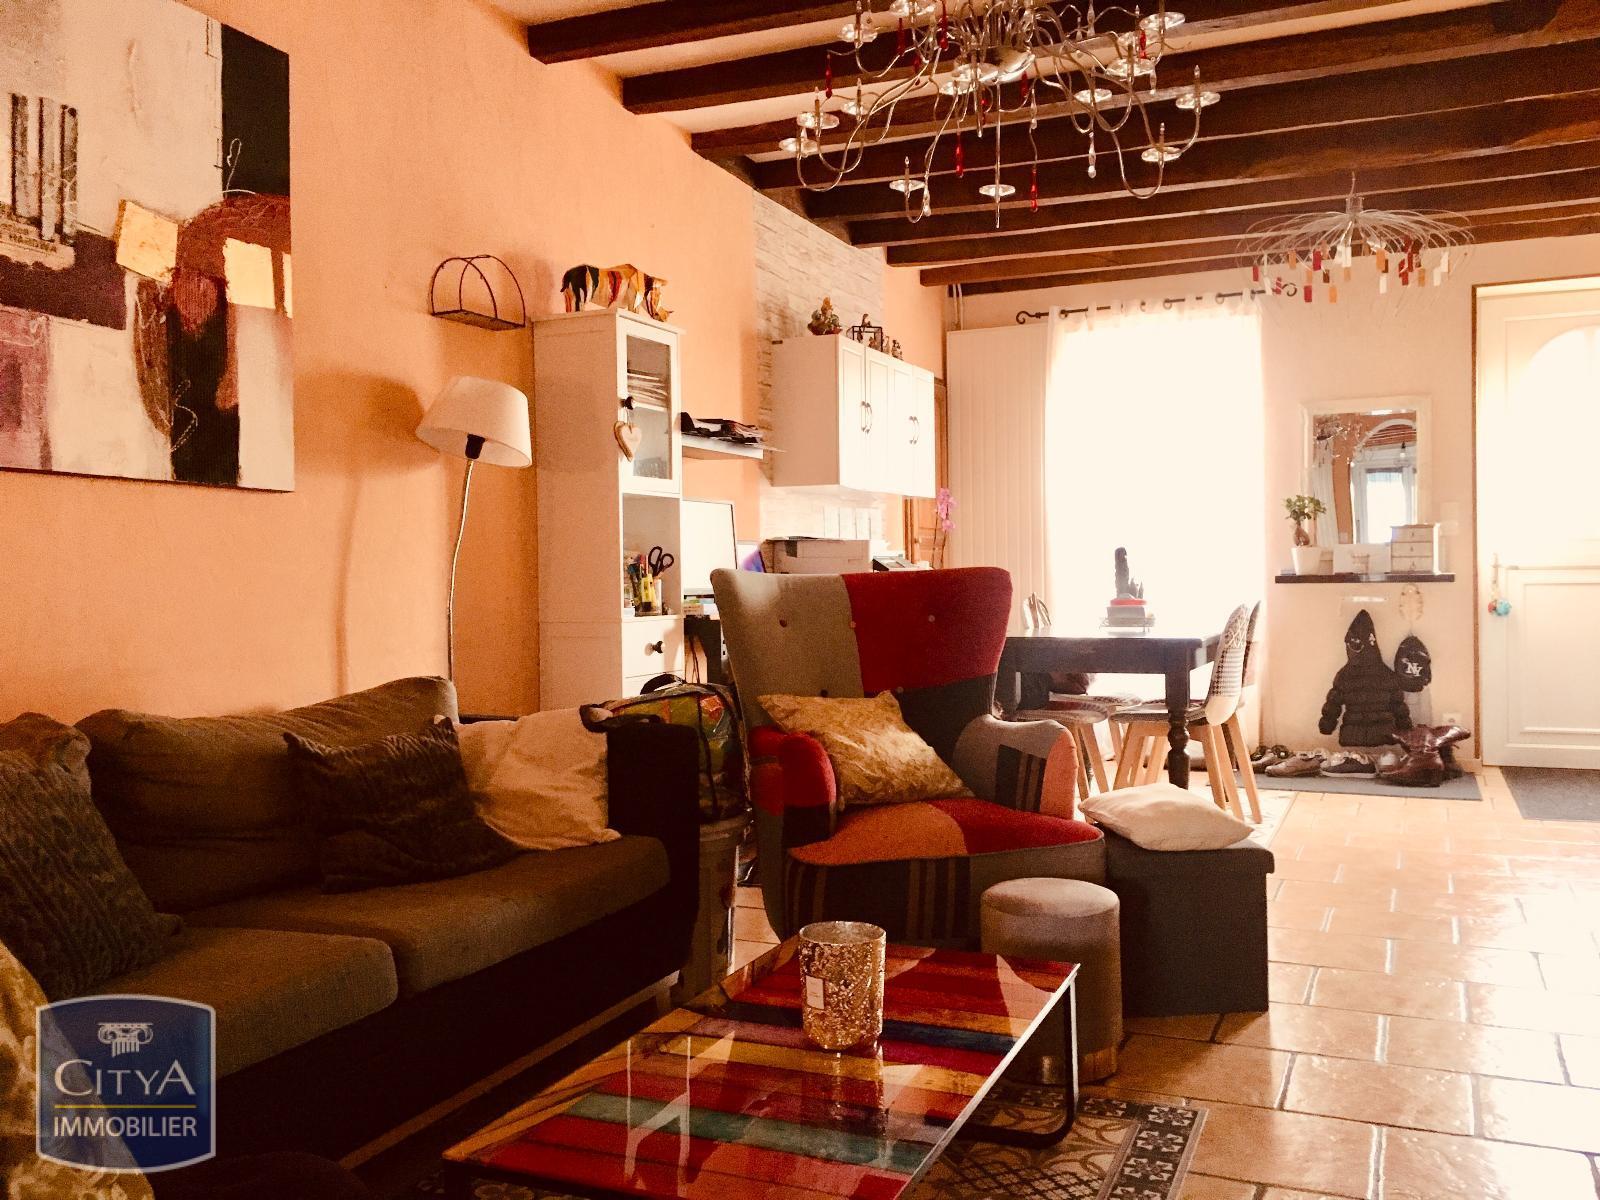 Maison/villa 6 pièces 111 m²